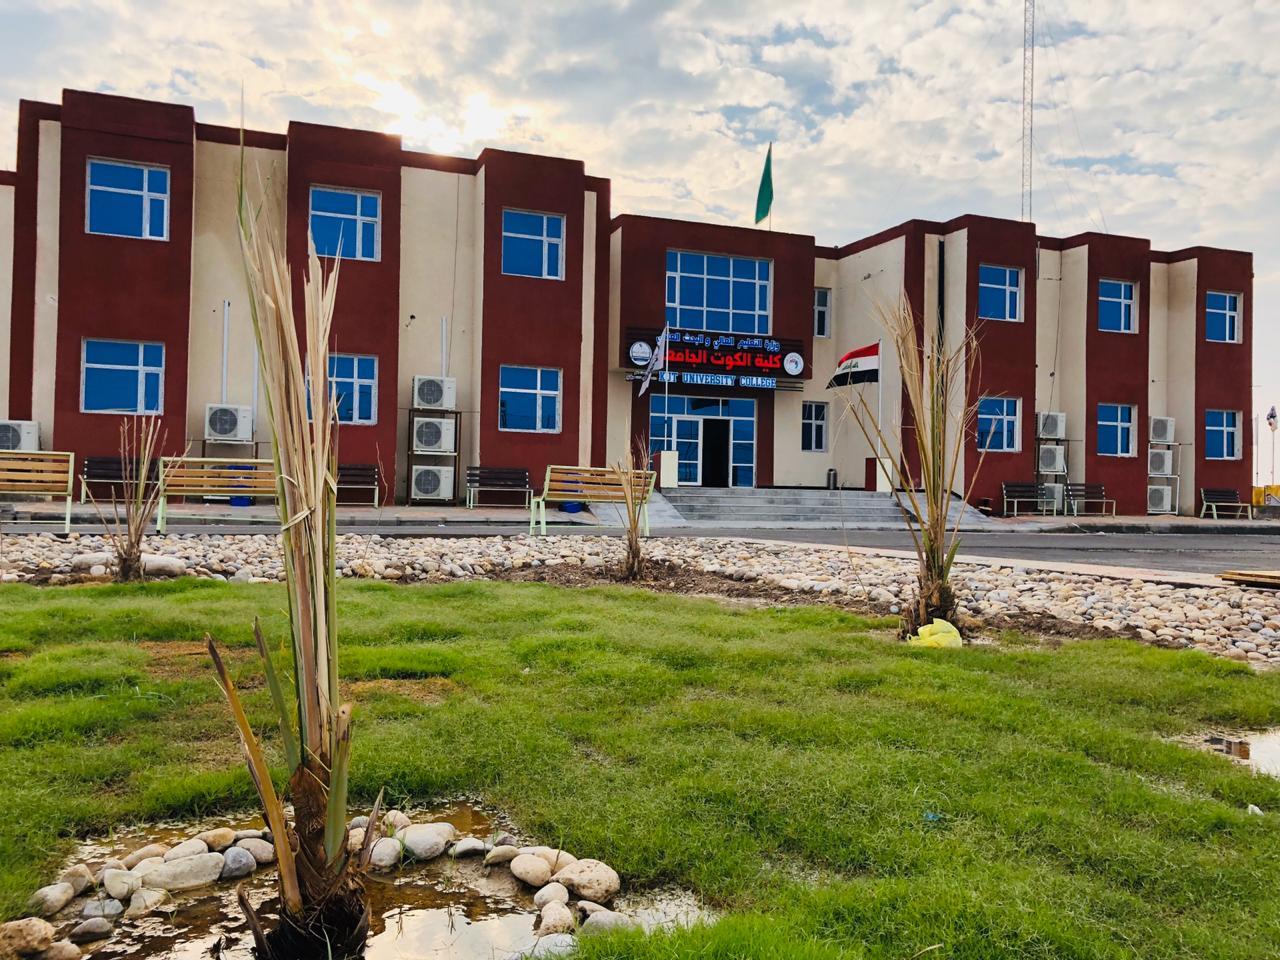 المساحات الخضراء في كلية الكوت الجامعة